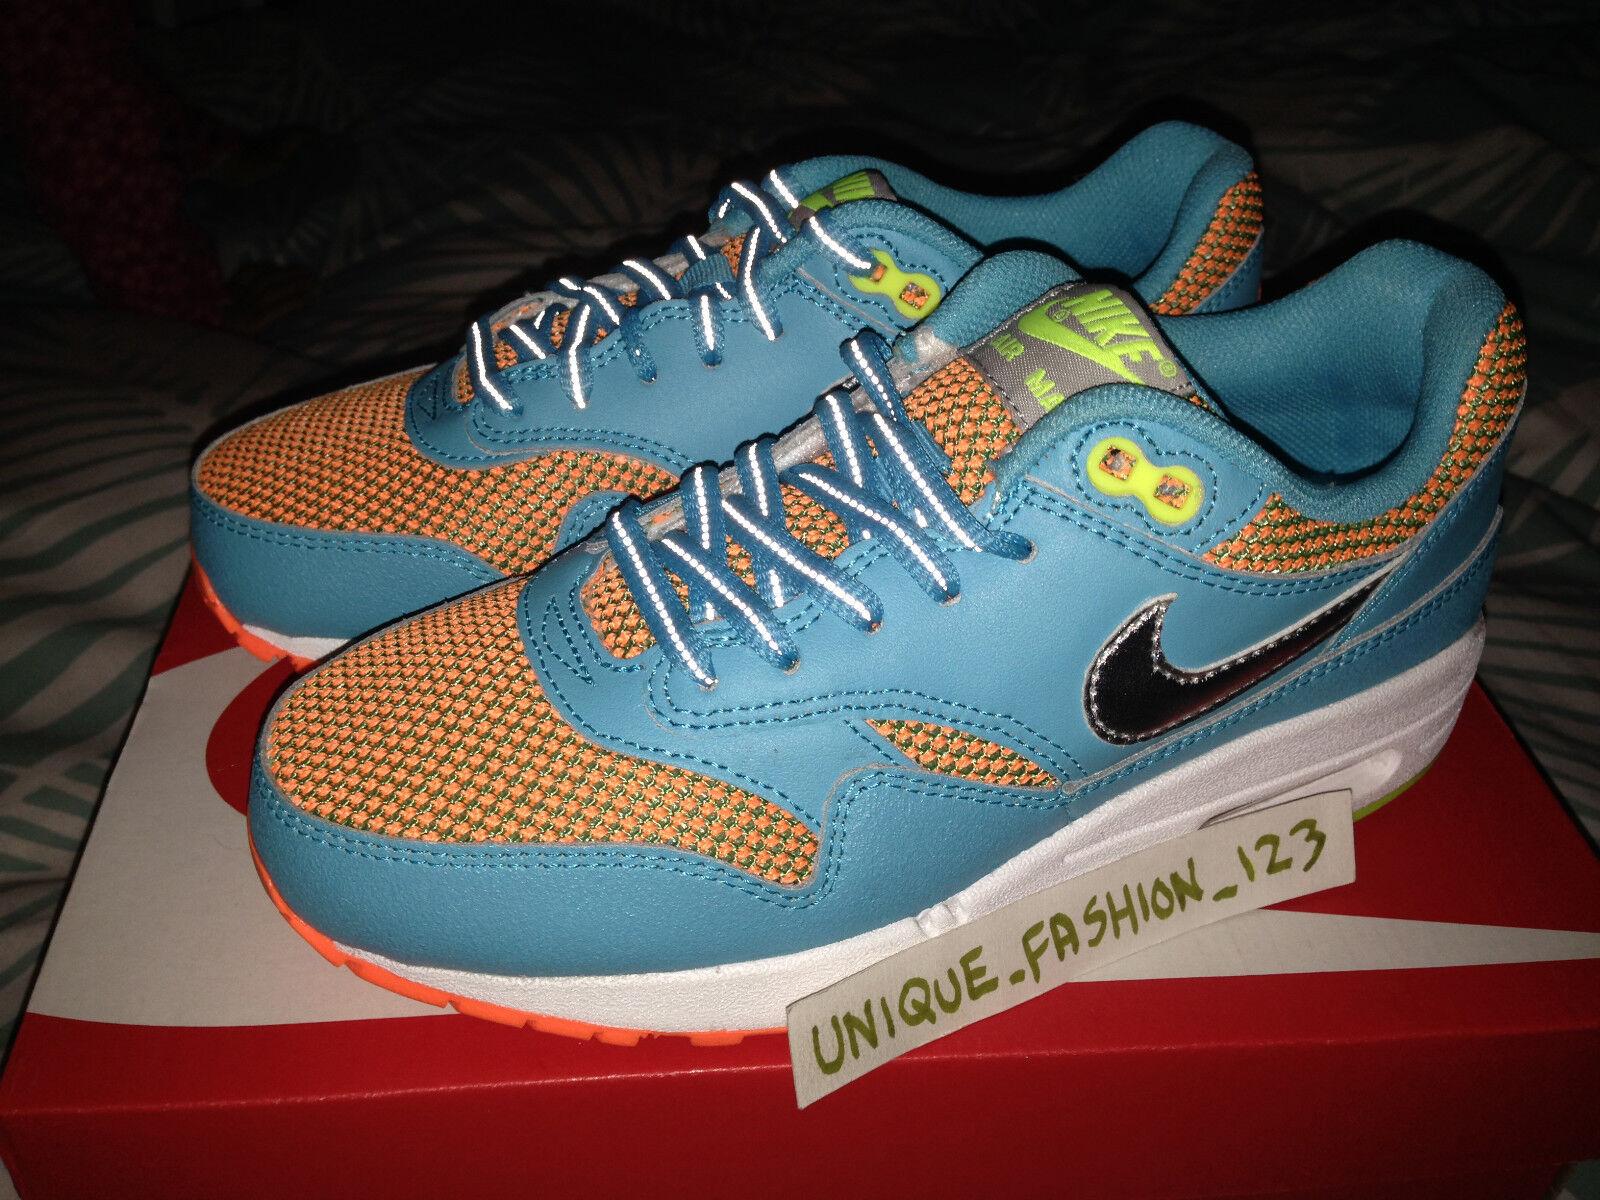 Nike Air Max 1 Le GS Gamma Blue Orange US 7y UK 6 40 Pink 90 Huarache QS HYPER